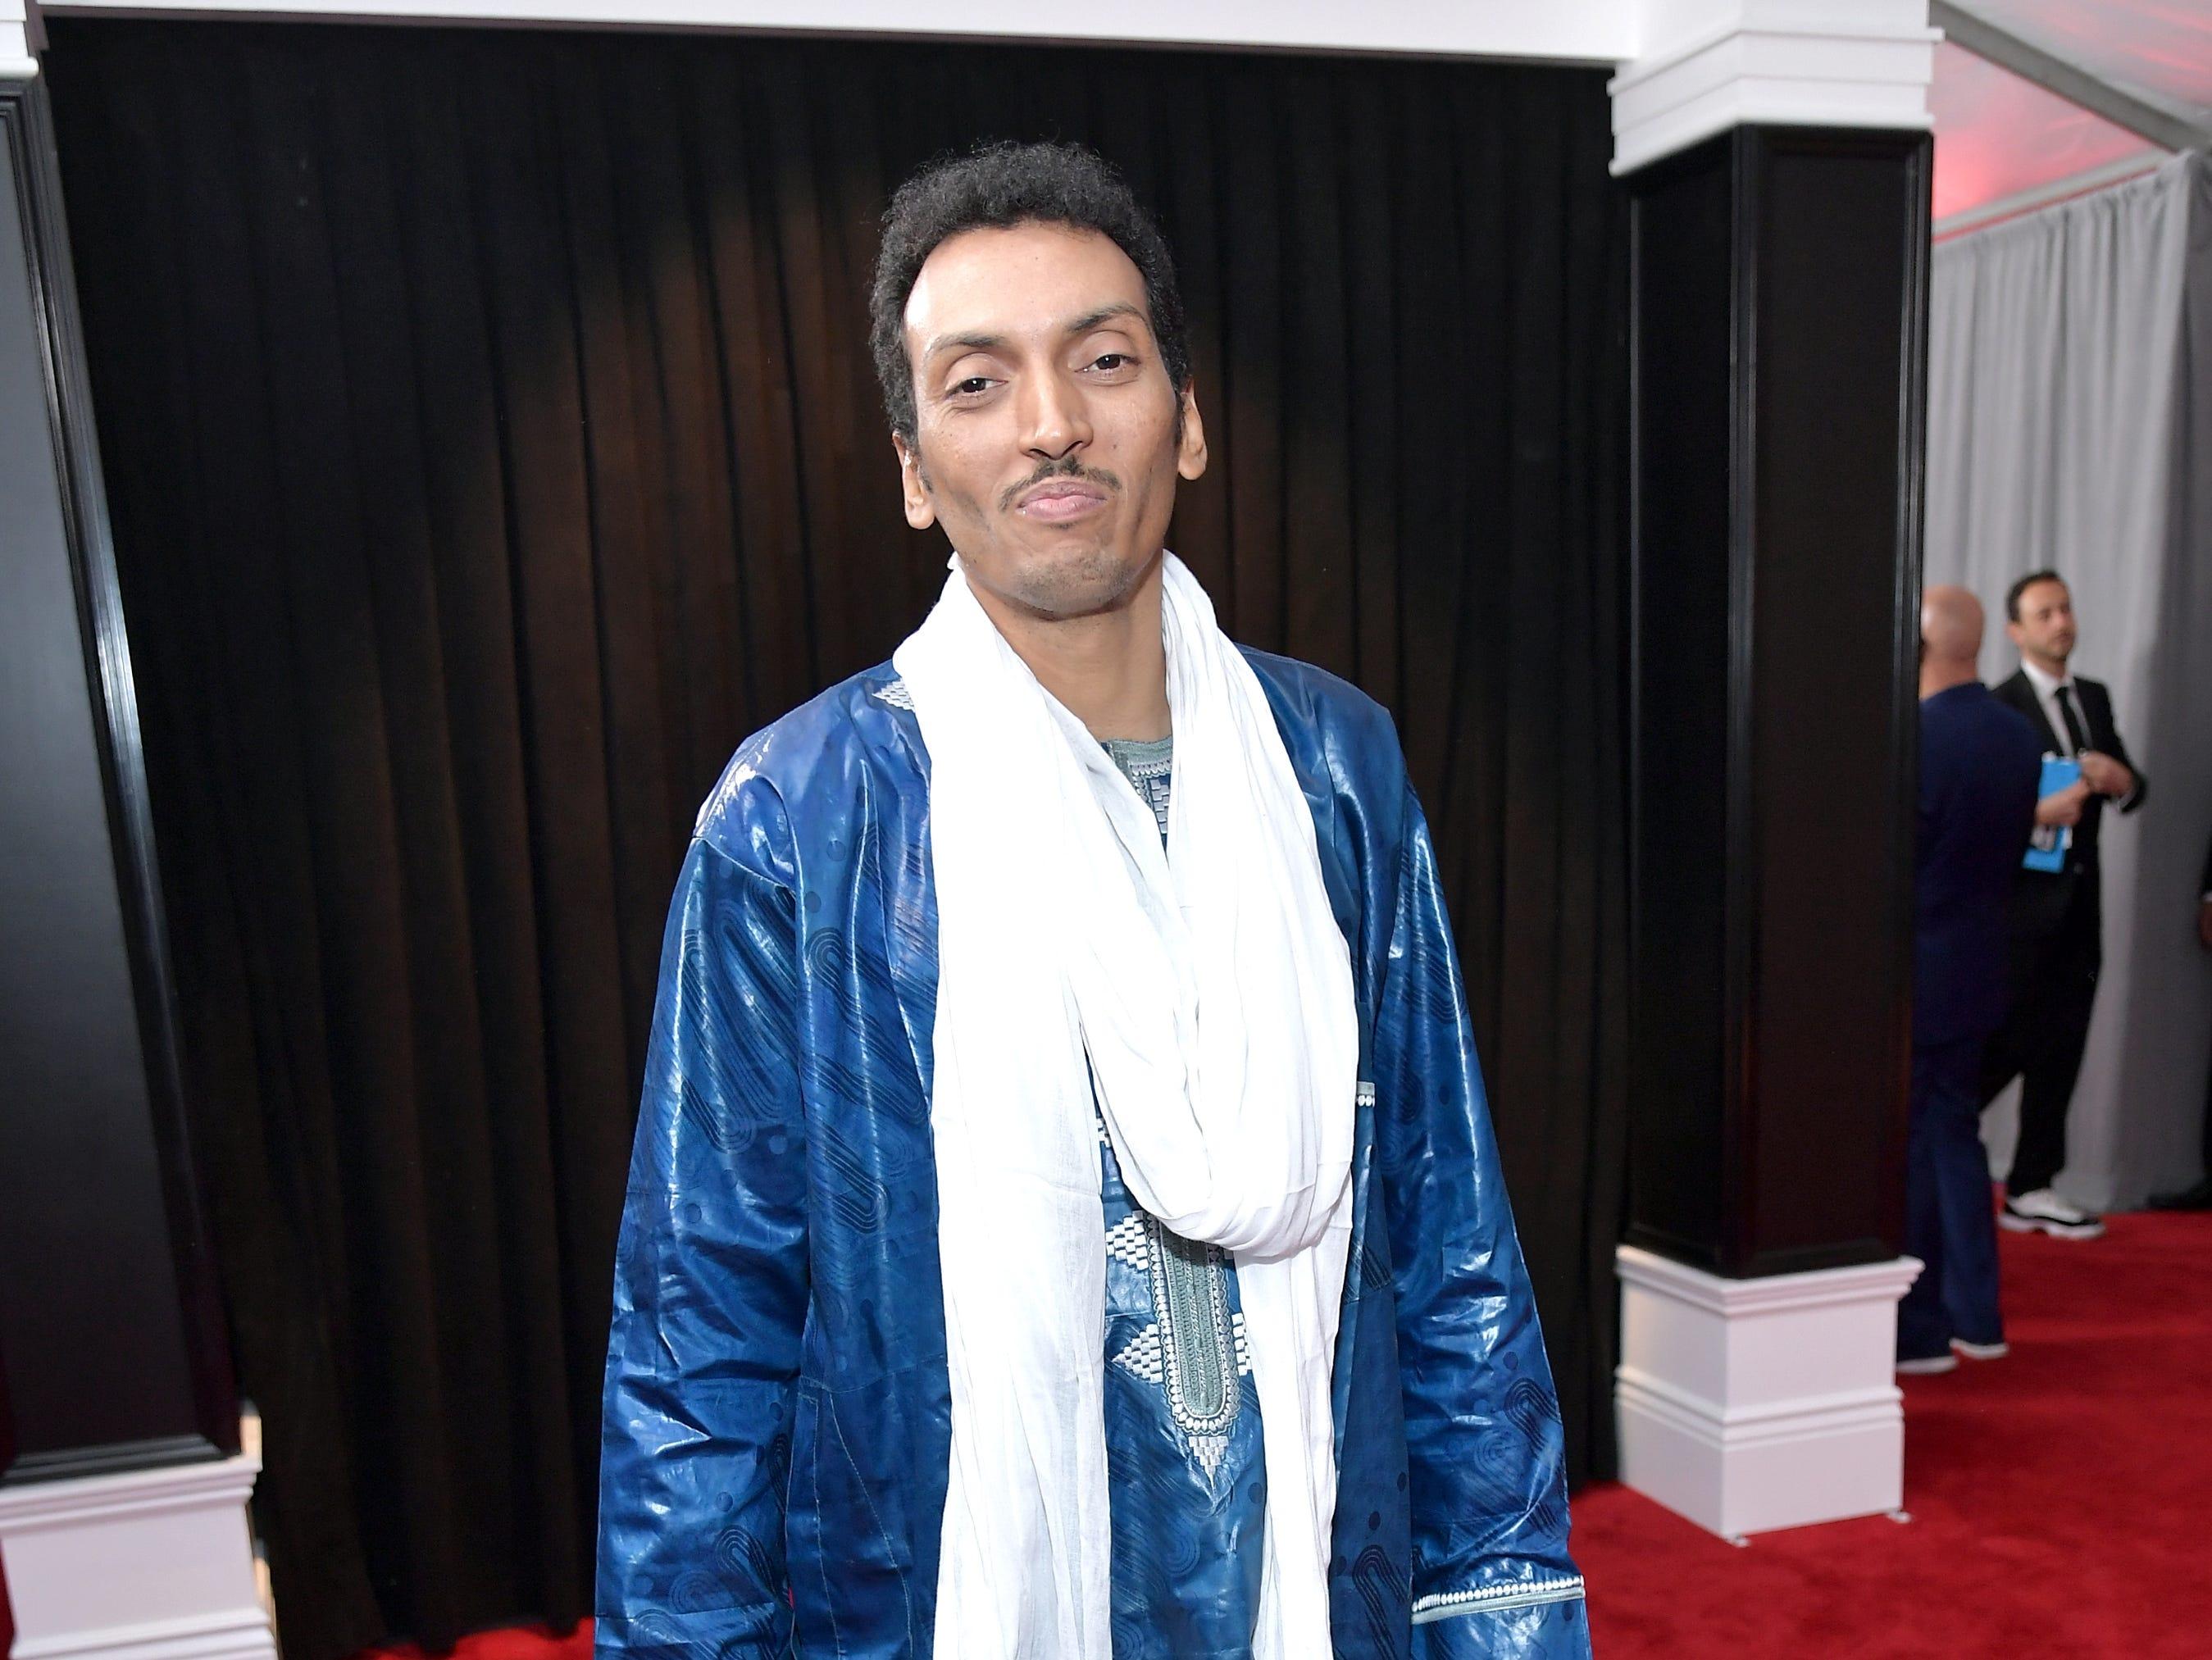 Bombino asiste a la 61ª edición de los premios GRAMMY en el Staples Center el 10 de febrero de 2019 en Los Ángeles, California.